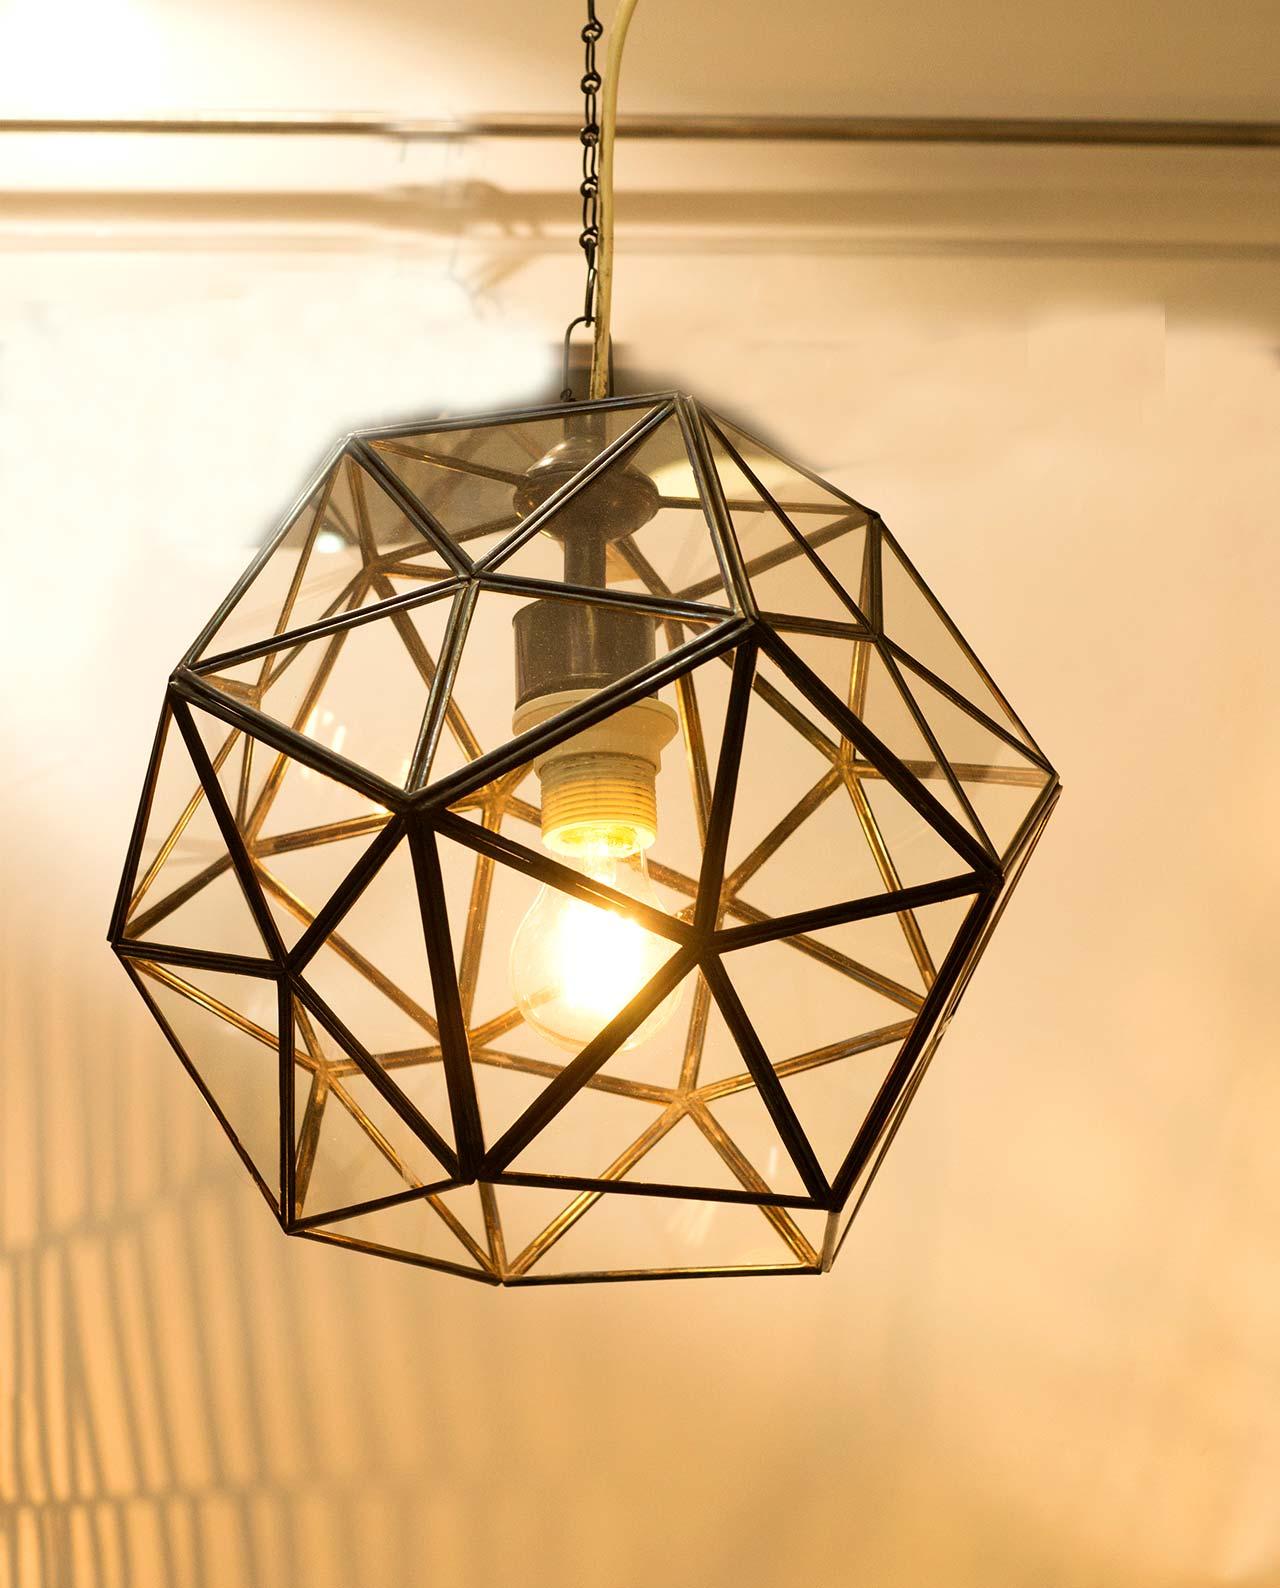 Φωτιστικό οροφής μπρουτζος καφέ & γυαλί διαμέτρου 30 cm